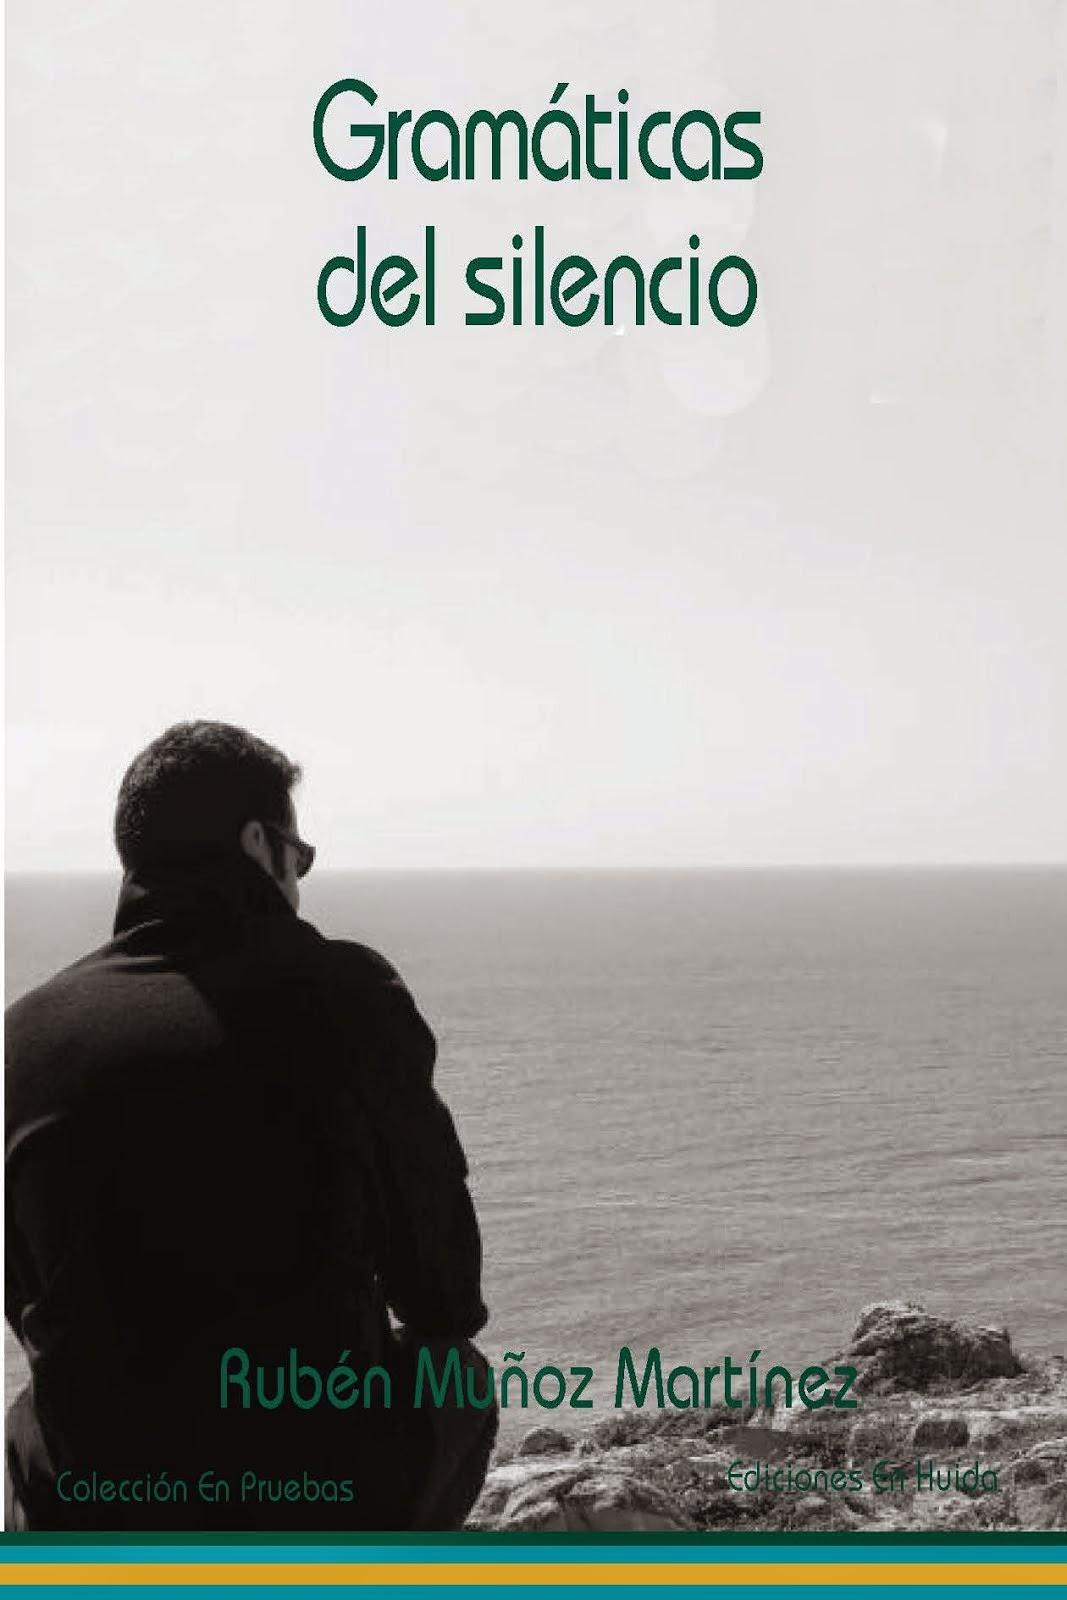 Disponible en librerías y a través de internet:https://www.edicionesenhuida.es/producto/gds/